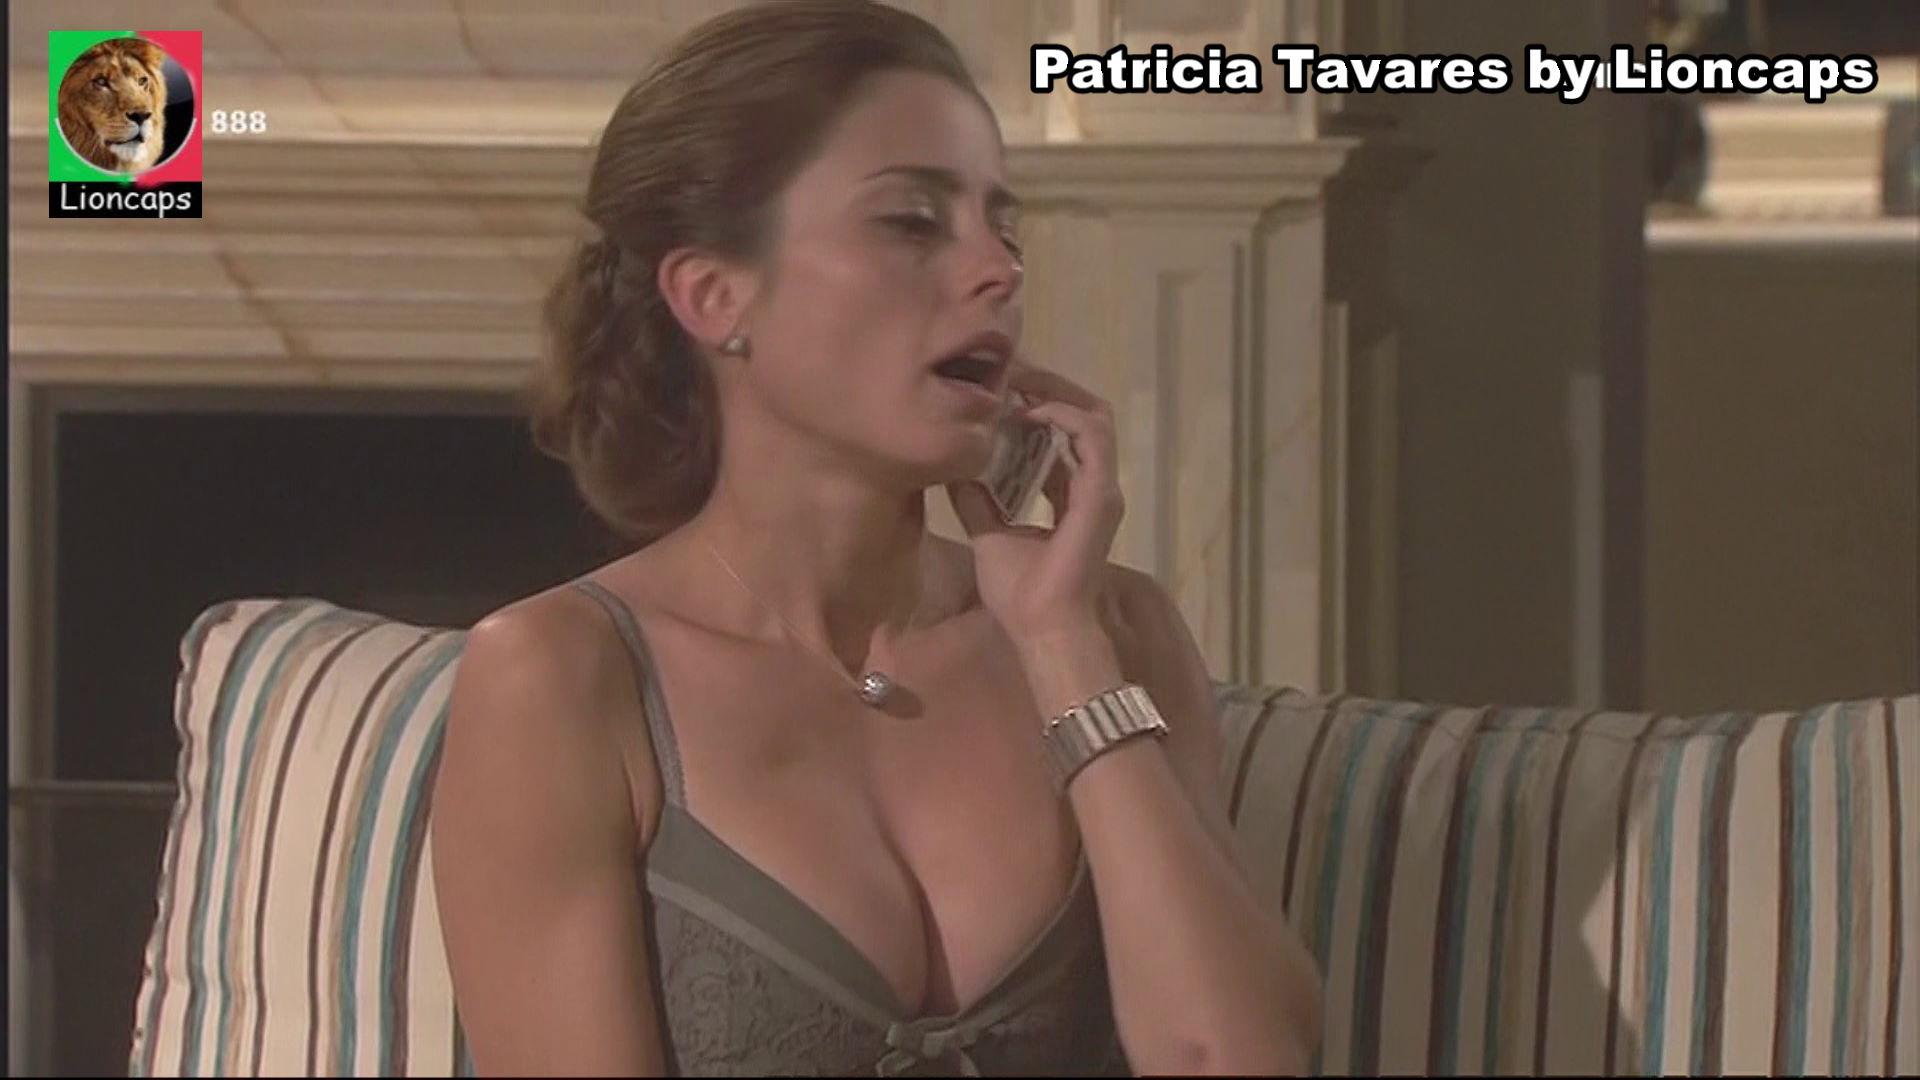 440217613_patricia_tavares_vs190324_1432_122_457lo.JPG